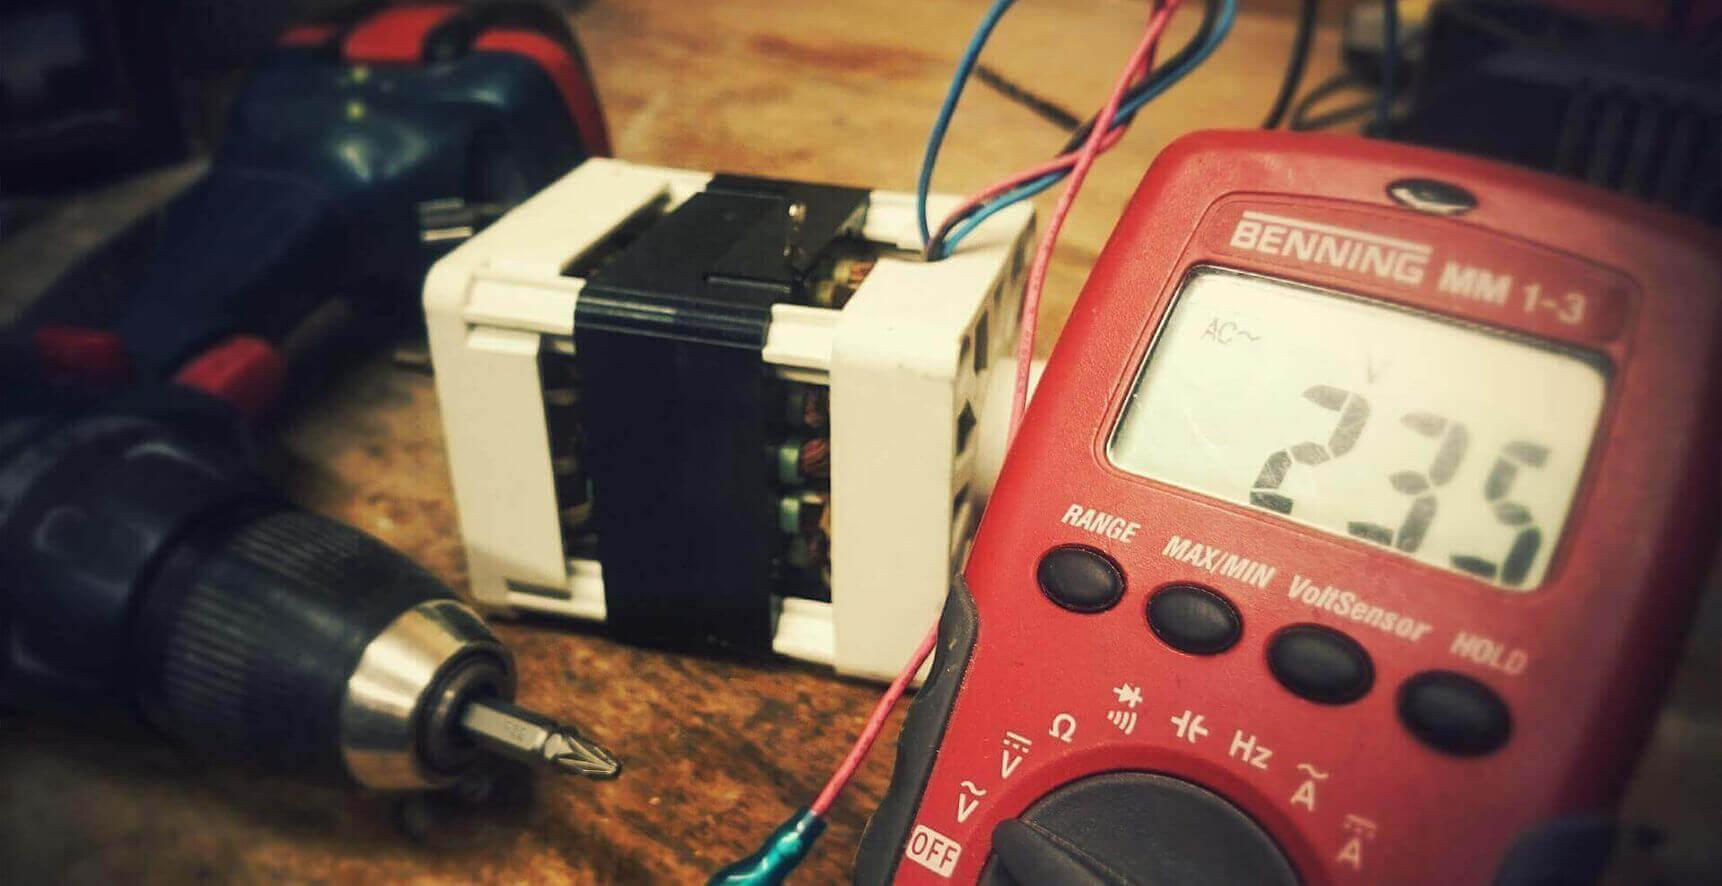 ηλεκτρολογικες εργασιες στα χανια - πιστοποιητικα δεη - Electrotech